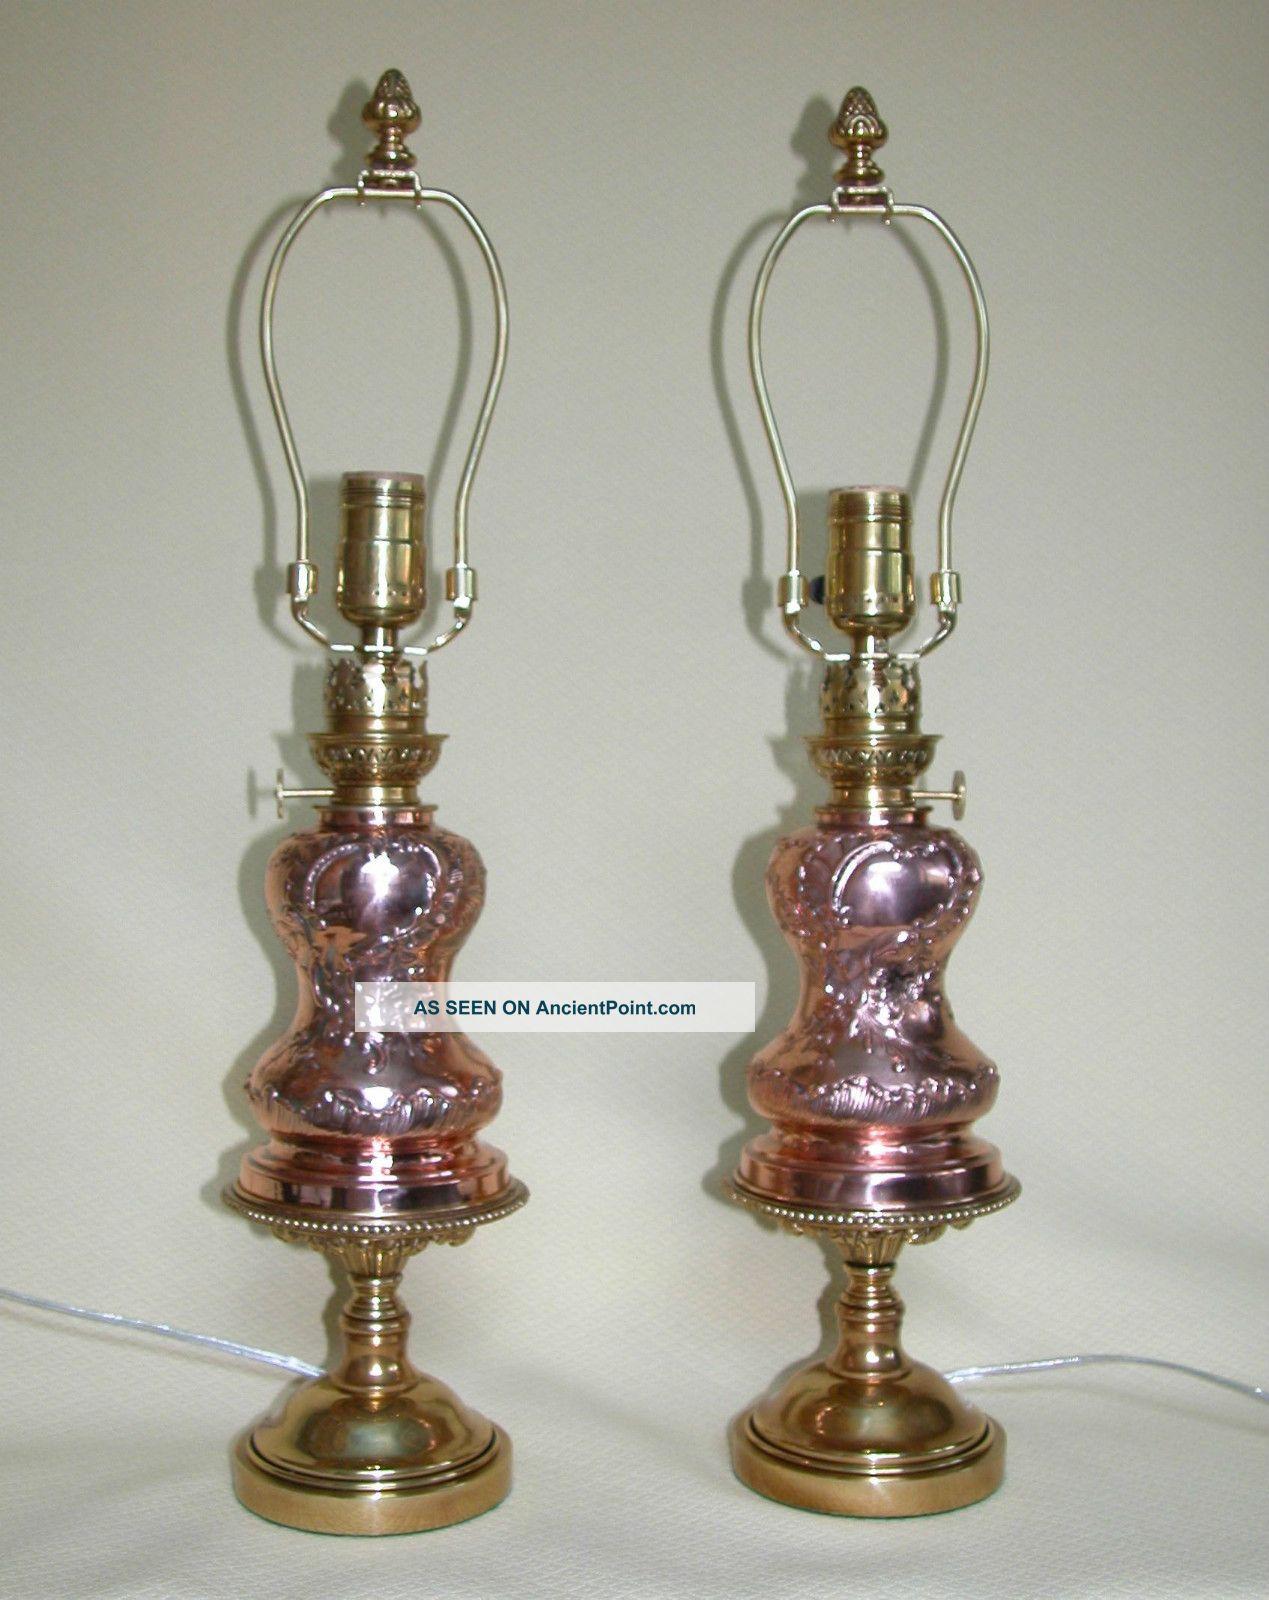 art nouveau lamps photo - 4